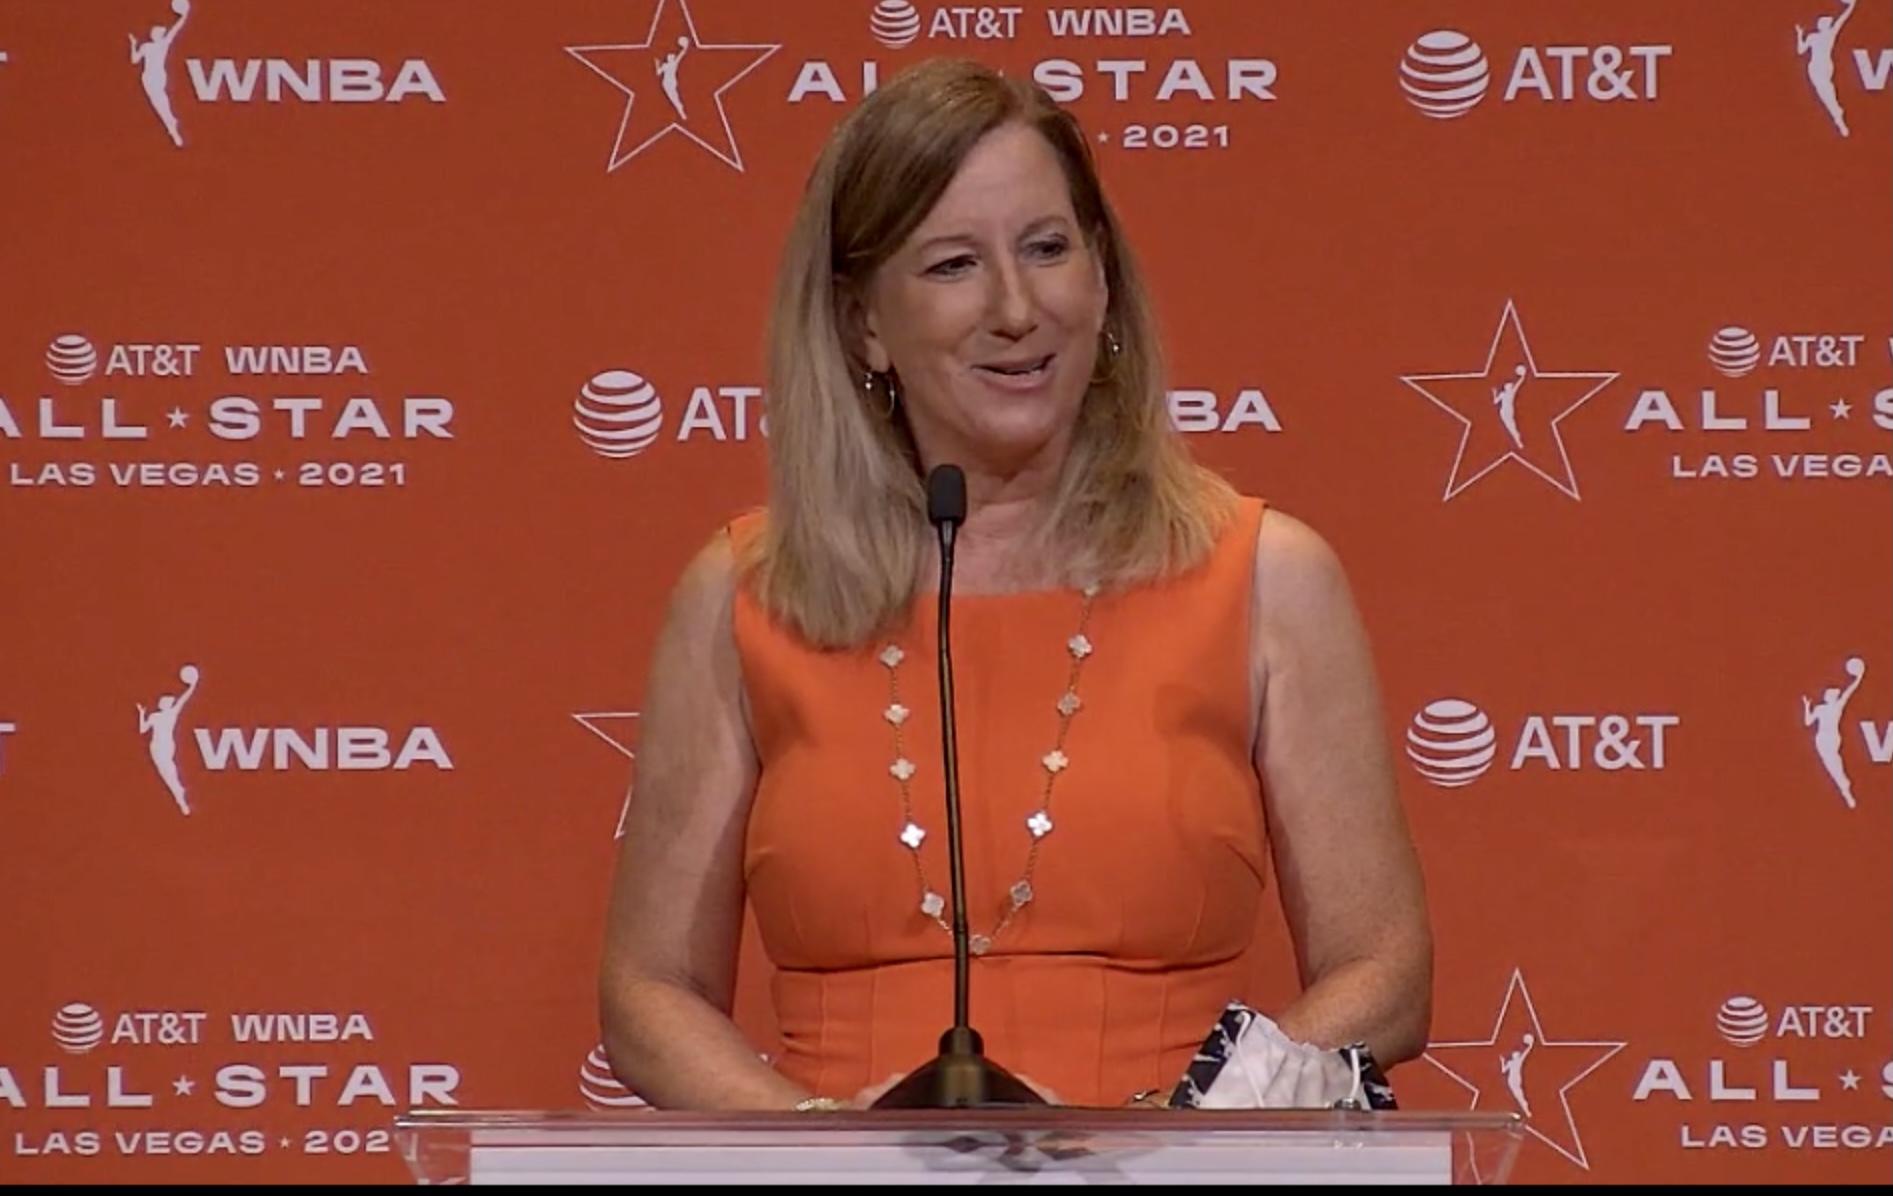 2021 WNBA All-Star: WNBA Commissioner Cathy Engelbert talks to media